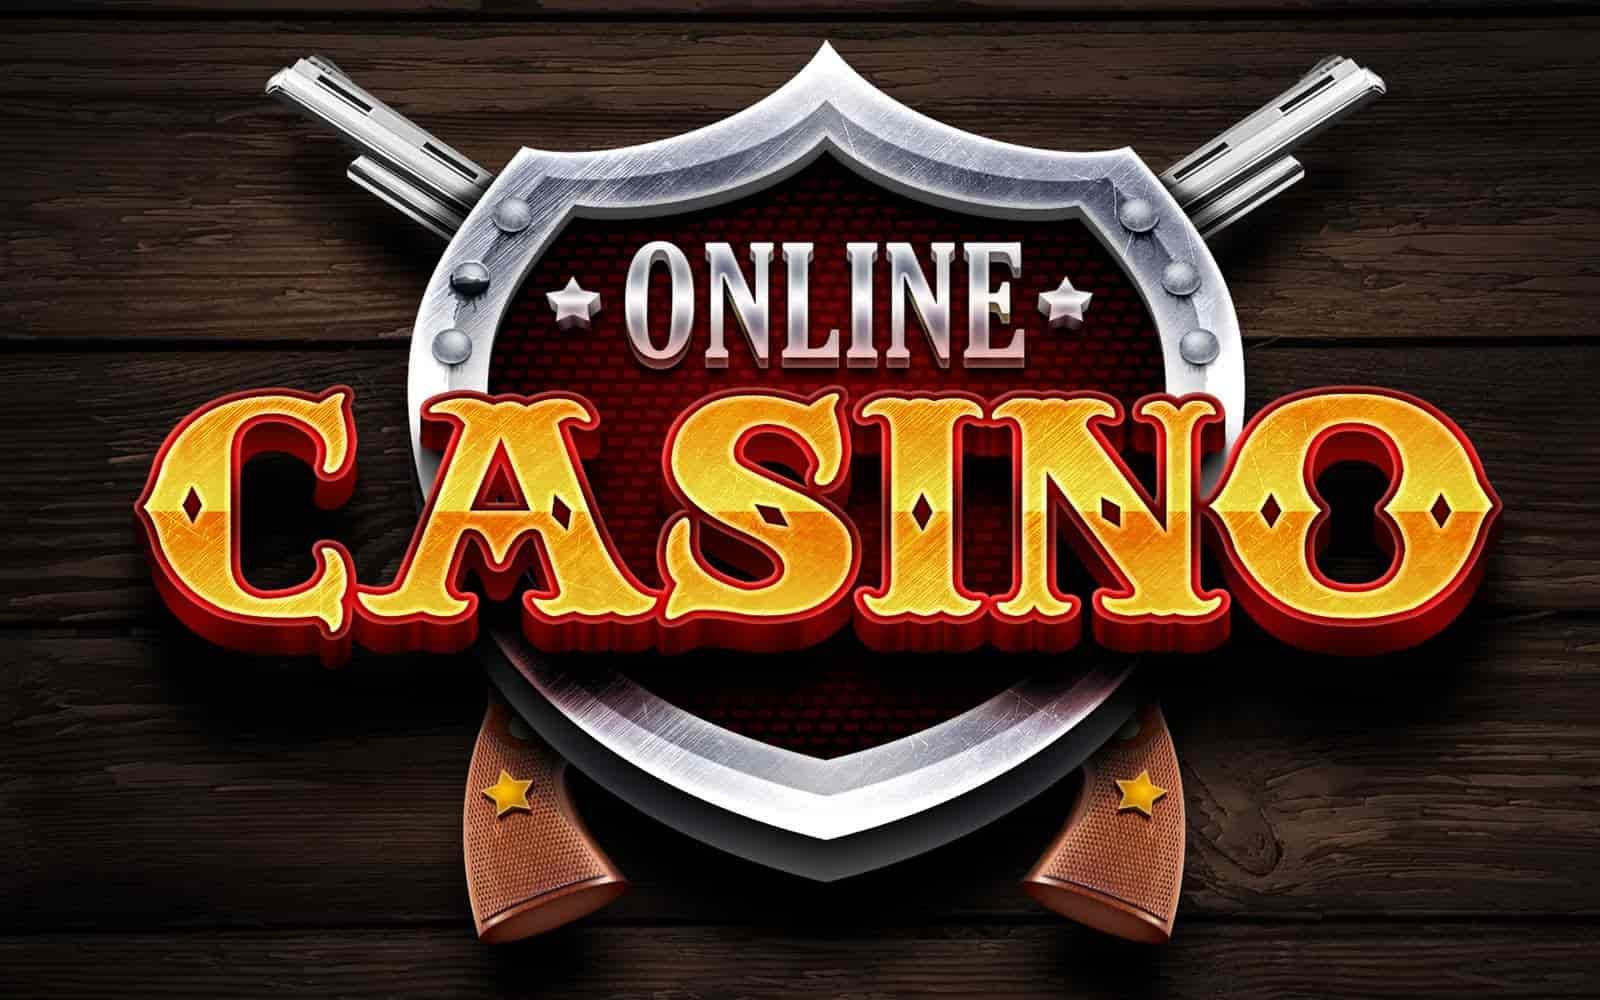 Bestes Online-Casino With Online Casino - Spielautomaten - Roulette-Rad In Deutschland